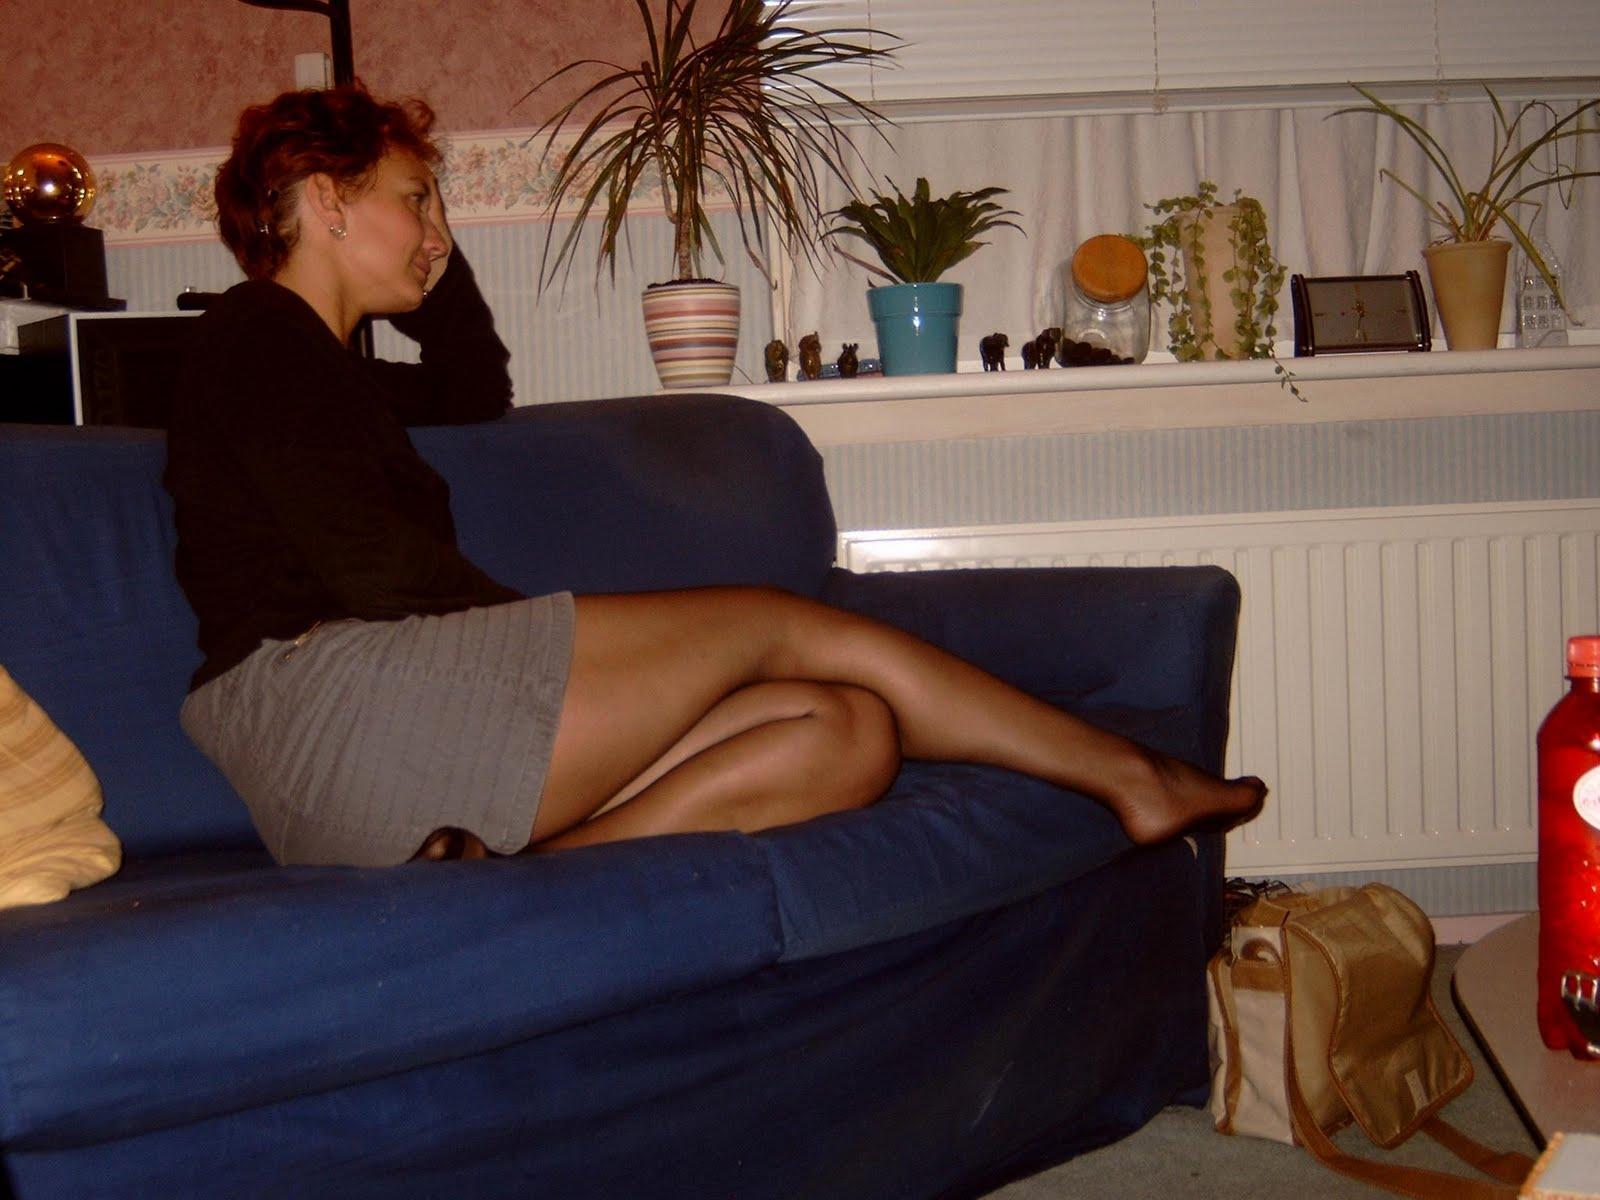 http://1.bp.blogspot.com/-6suSreNbkyM/TmTljdS4kFI/AAAAAAAACek/FIo6Q60SfKw/s1600/mature+wife+in+nylons+feet.jpg